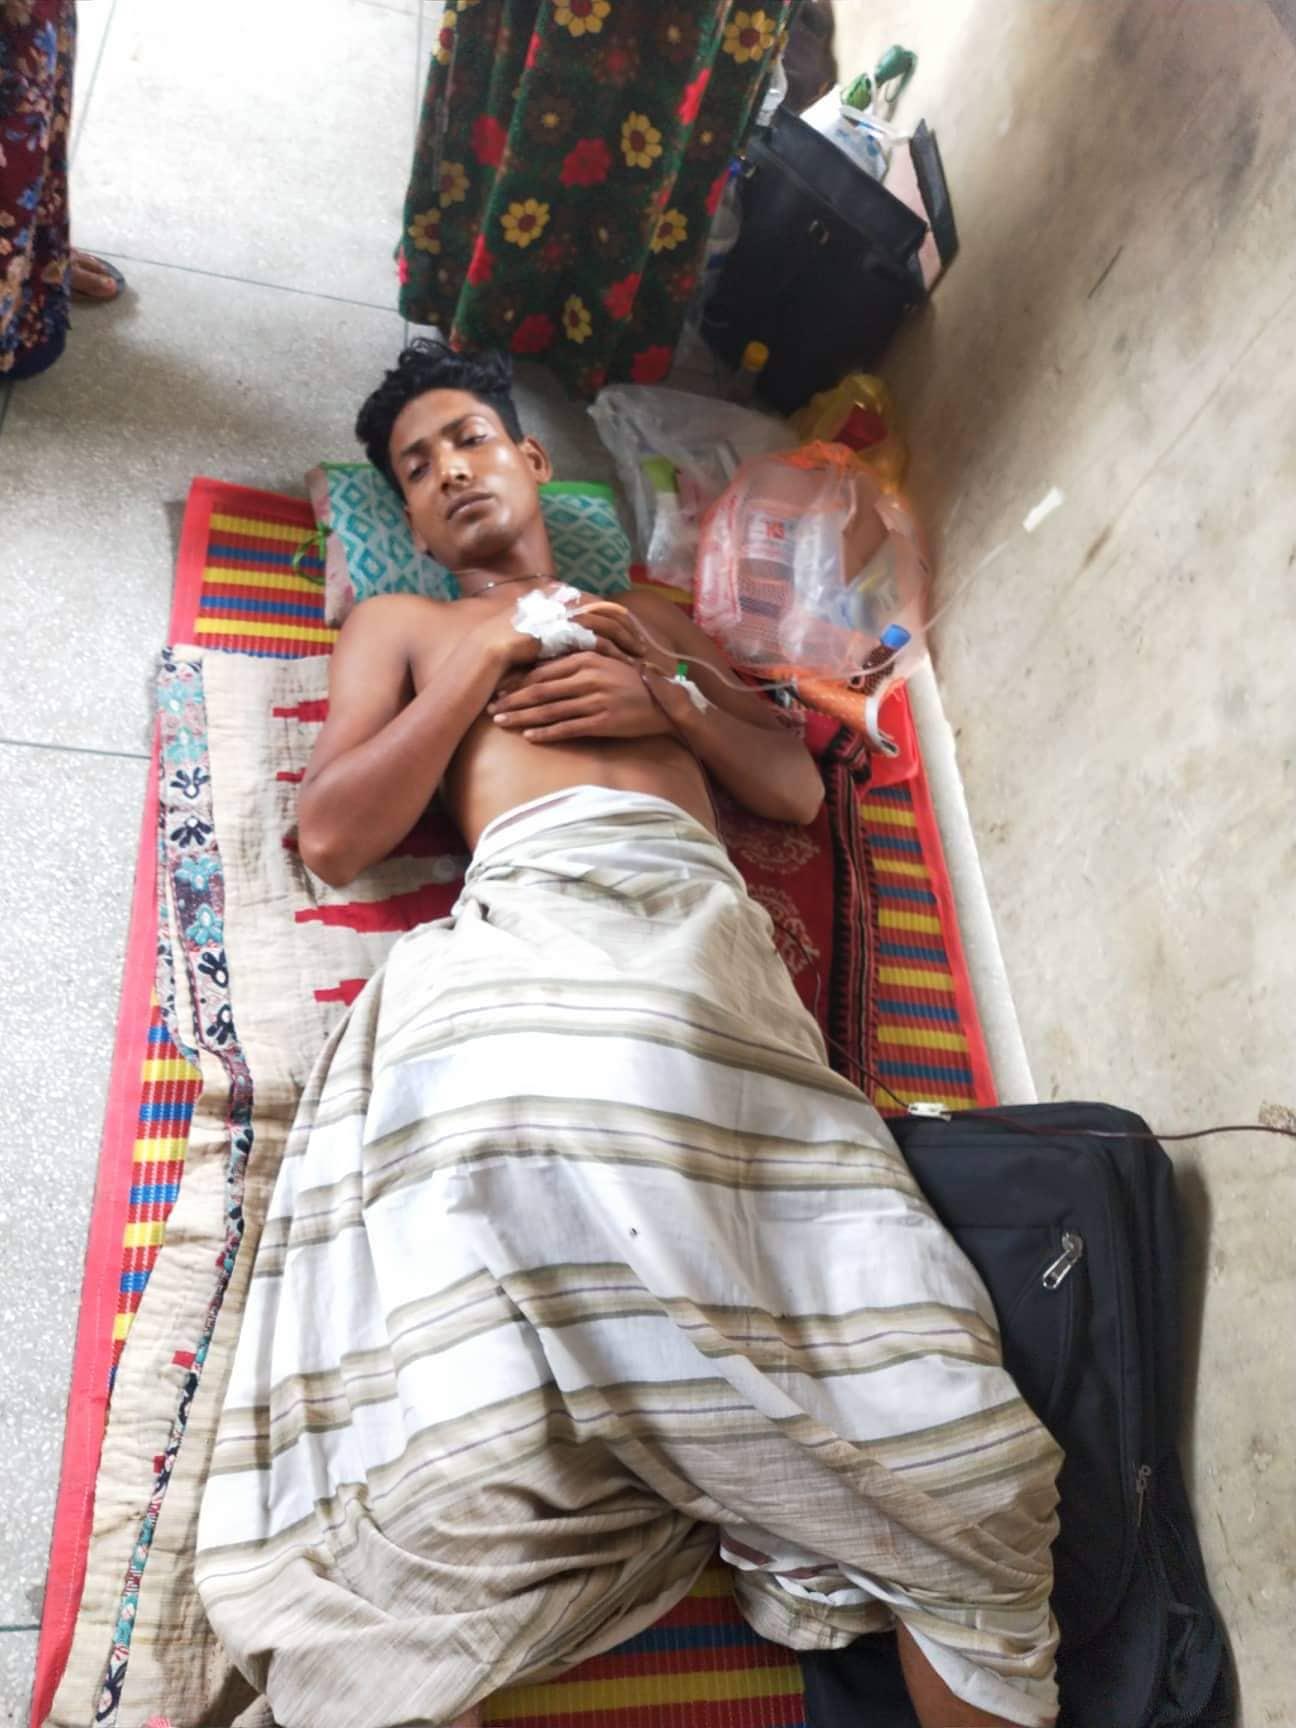 হাড়দ্দহ সীমান্তে বিএসএফ'র গুলিতে বাংলাদেশী গরু রাখাল আহত!